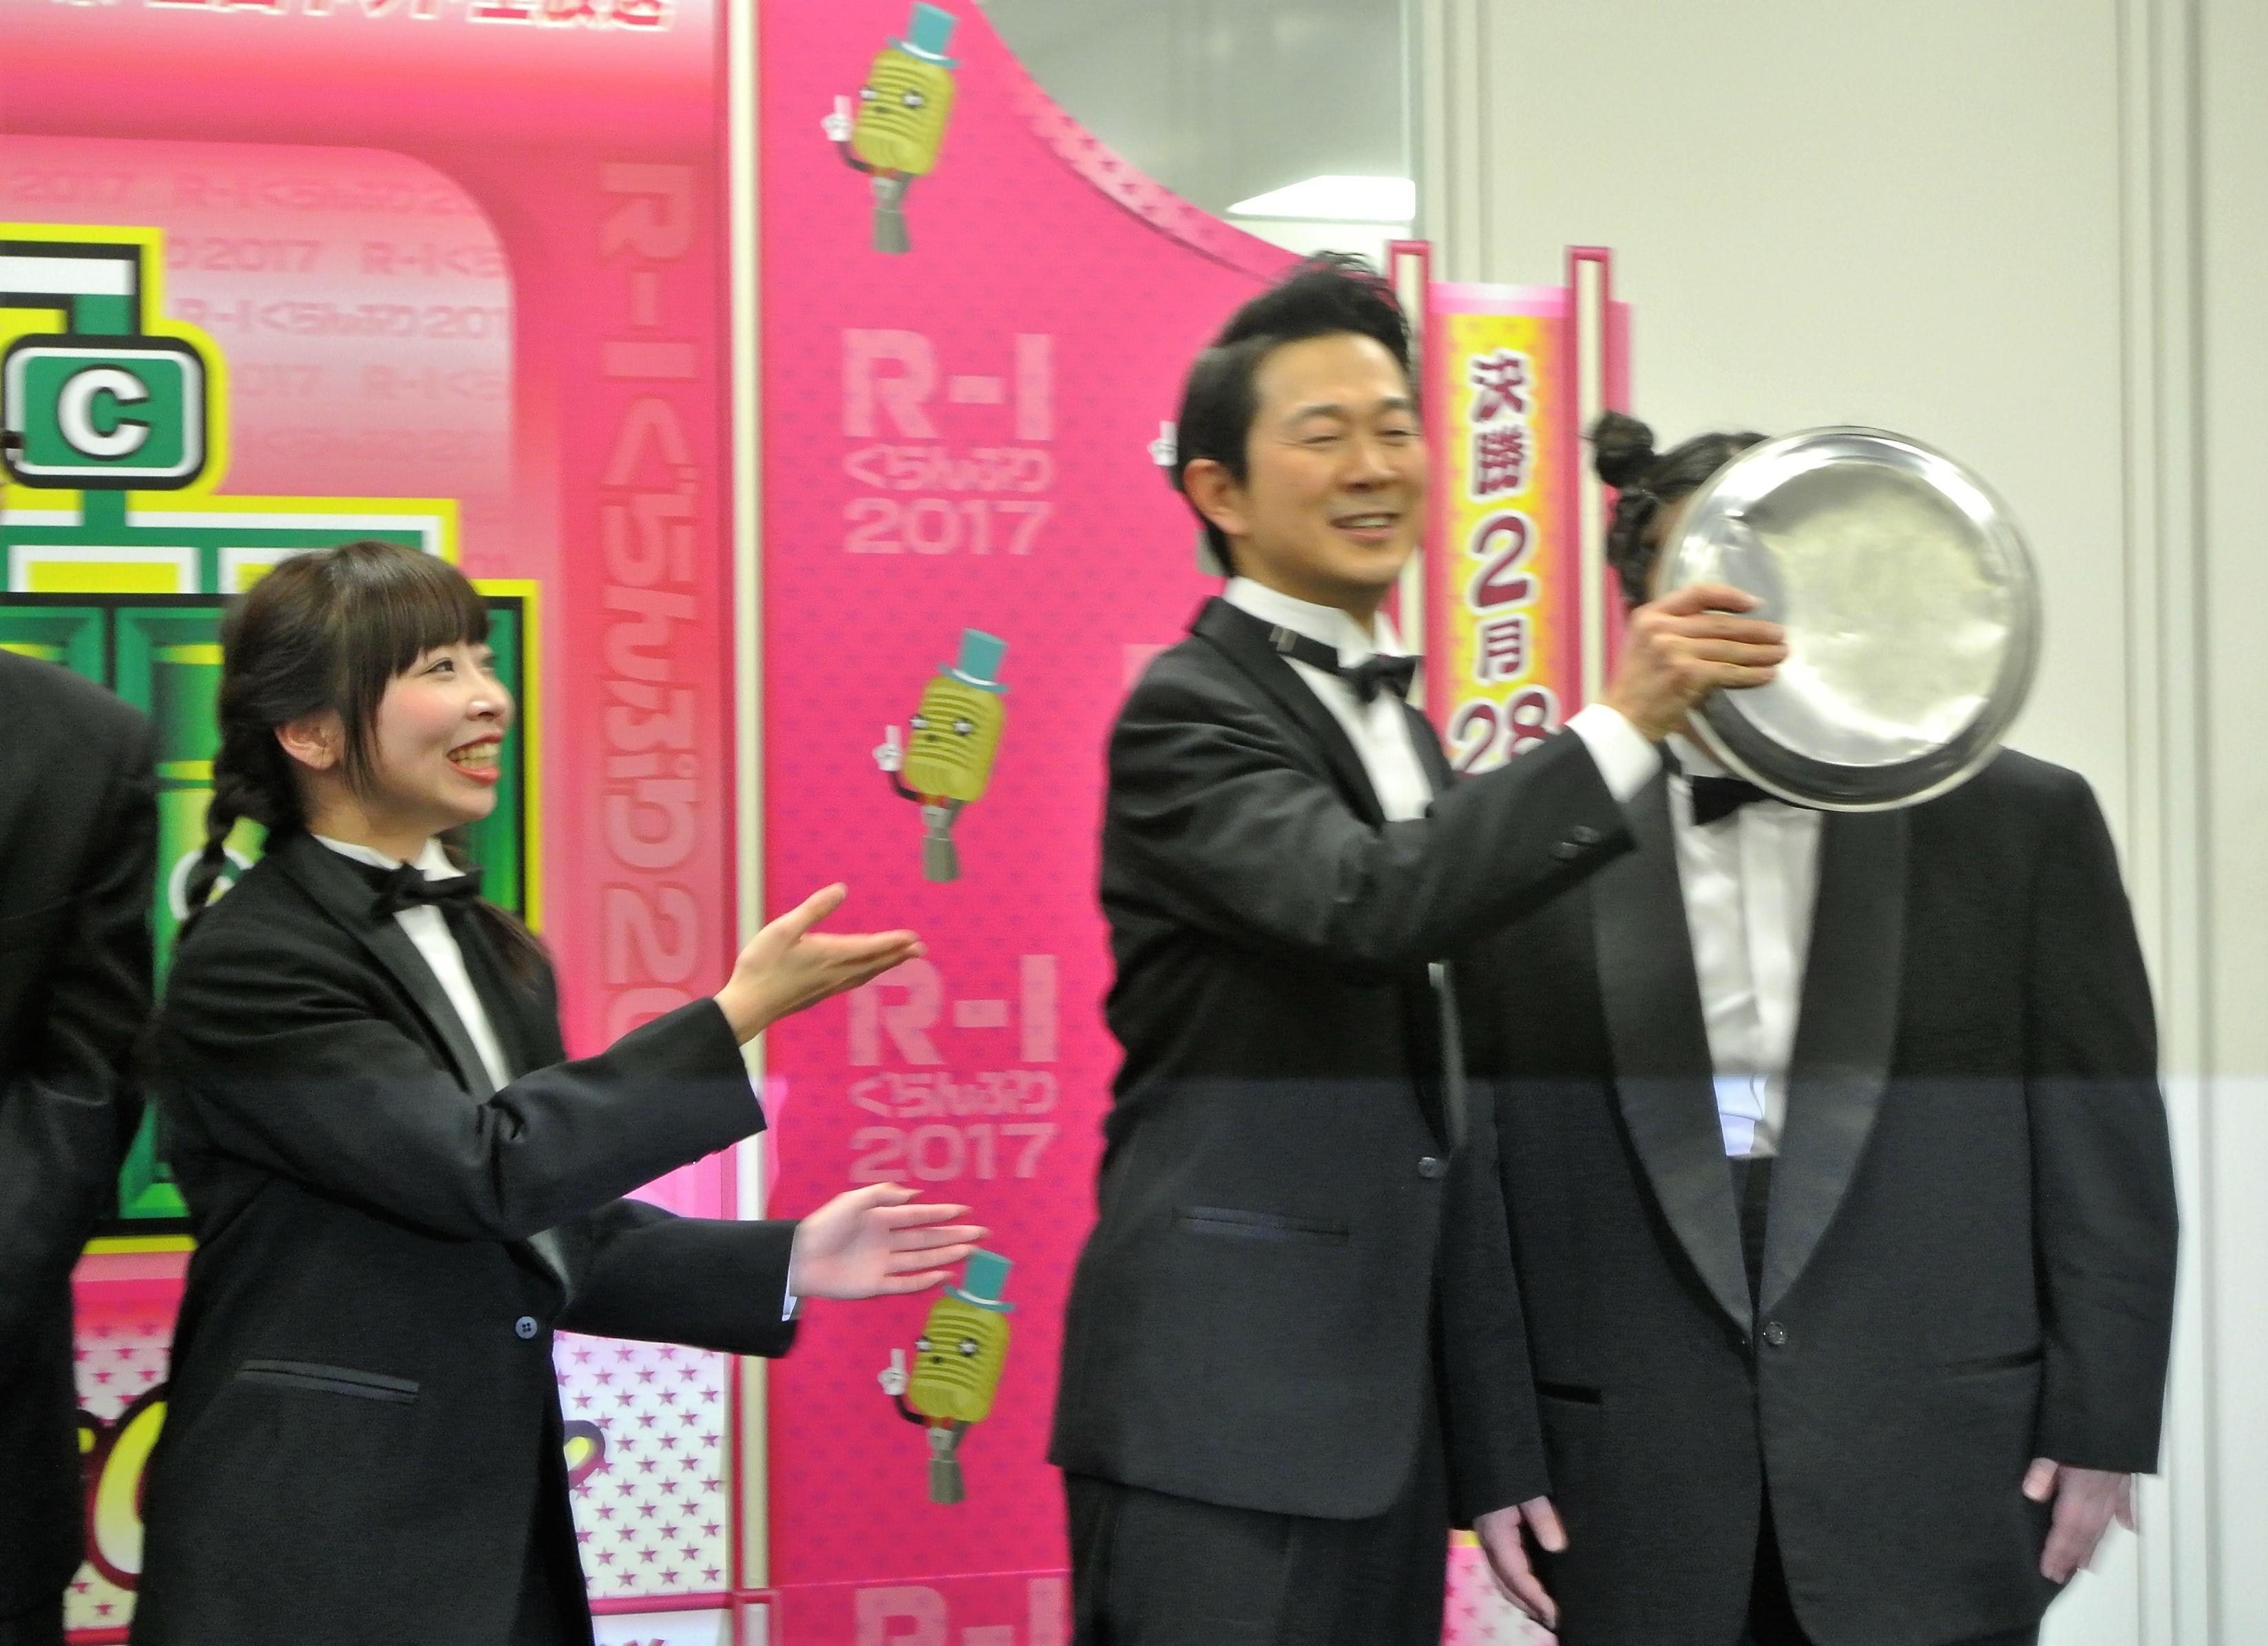 http://news.yoshimoto.co.jp/20170221110350-98733b372ad166c452d2d47bf4190b79b17f6e55.jpg